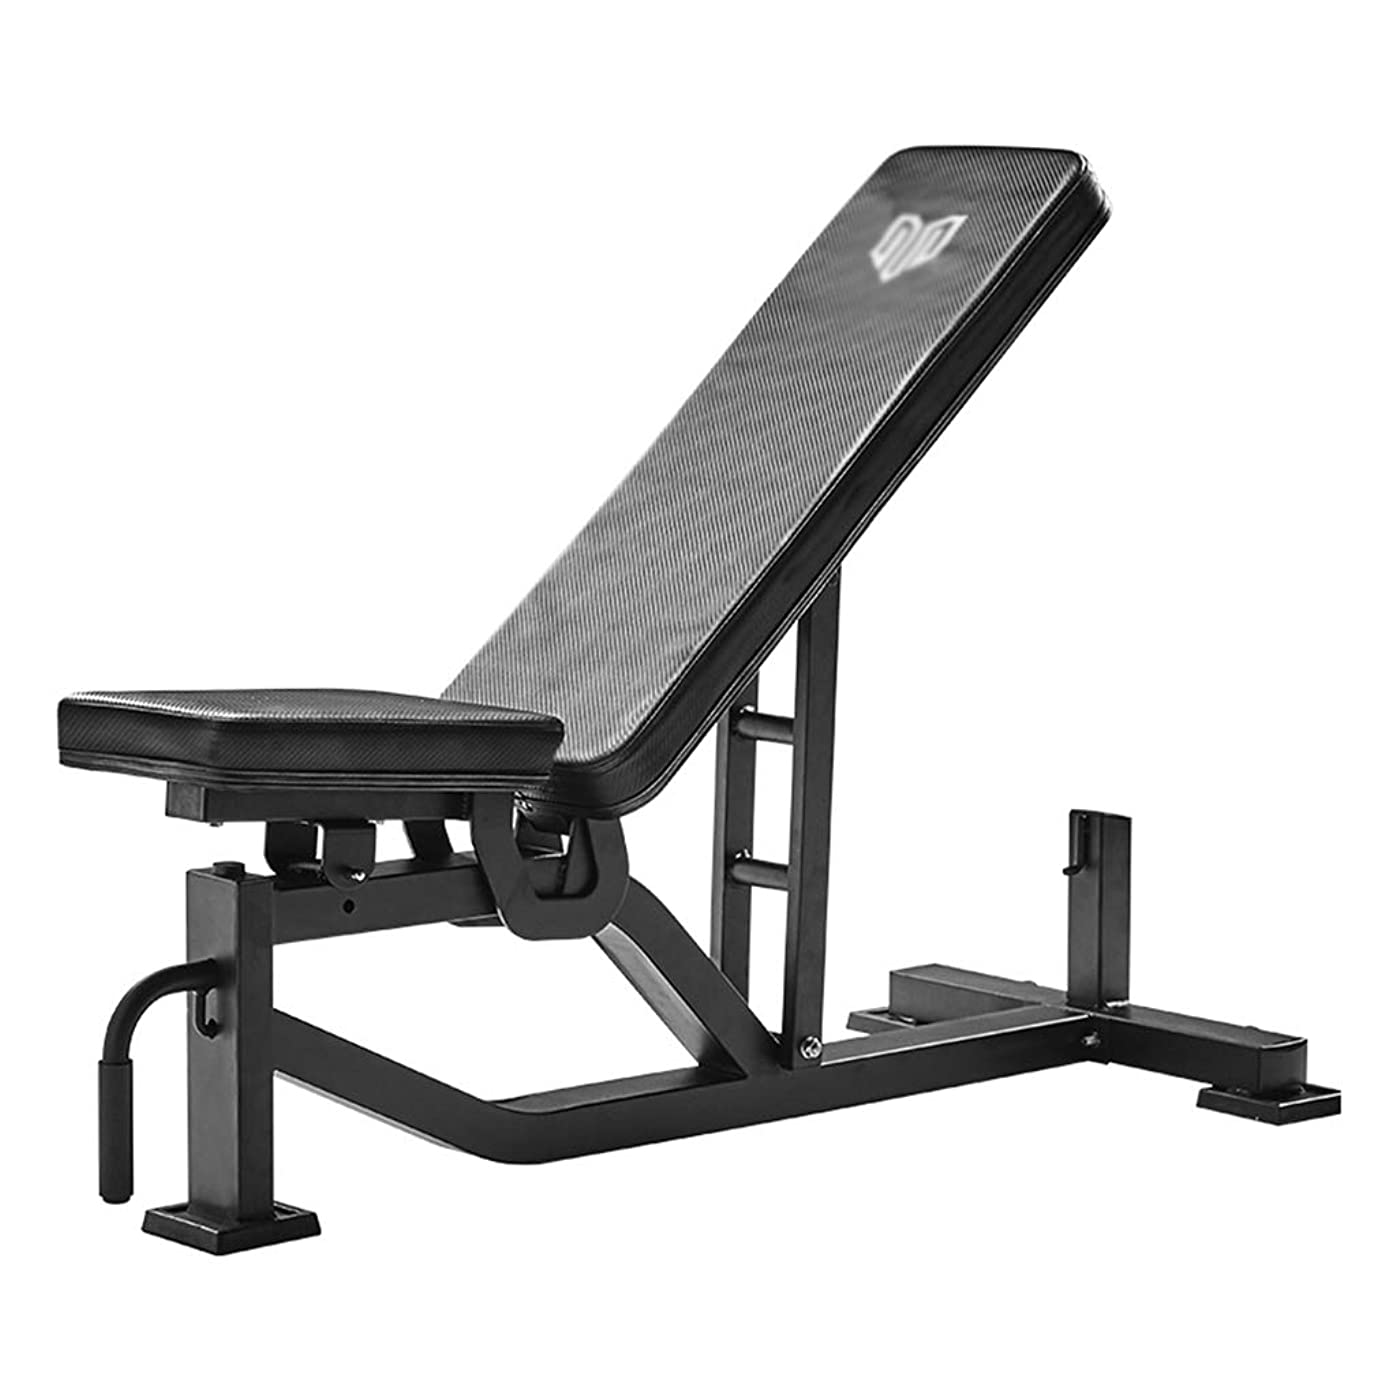 野菜キノコブラウントレーニングベンチ 折りたたみ重量テーブル商業ダンベルベンチプロのフィットネス機器多機能腹筋ボードの鳥ベンチベンチベンチフィットネスチェア 仰臥位ボード (Color : Black, Size : 136.2*64.4*119.4cm)